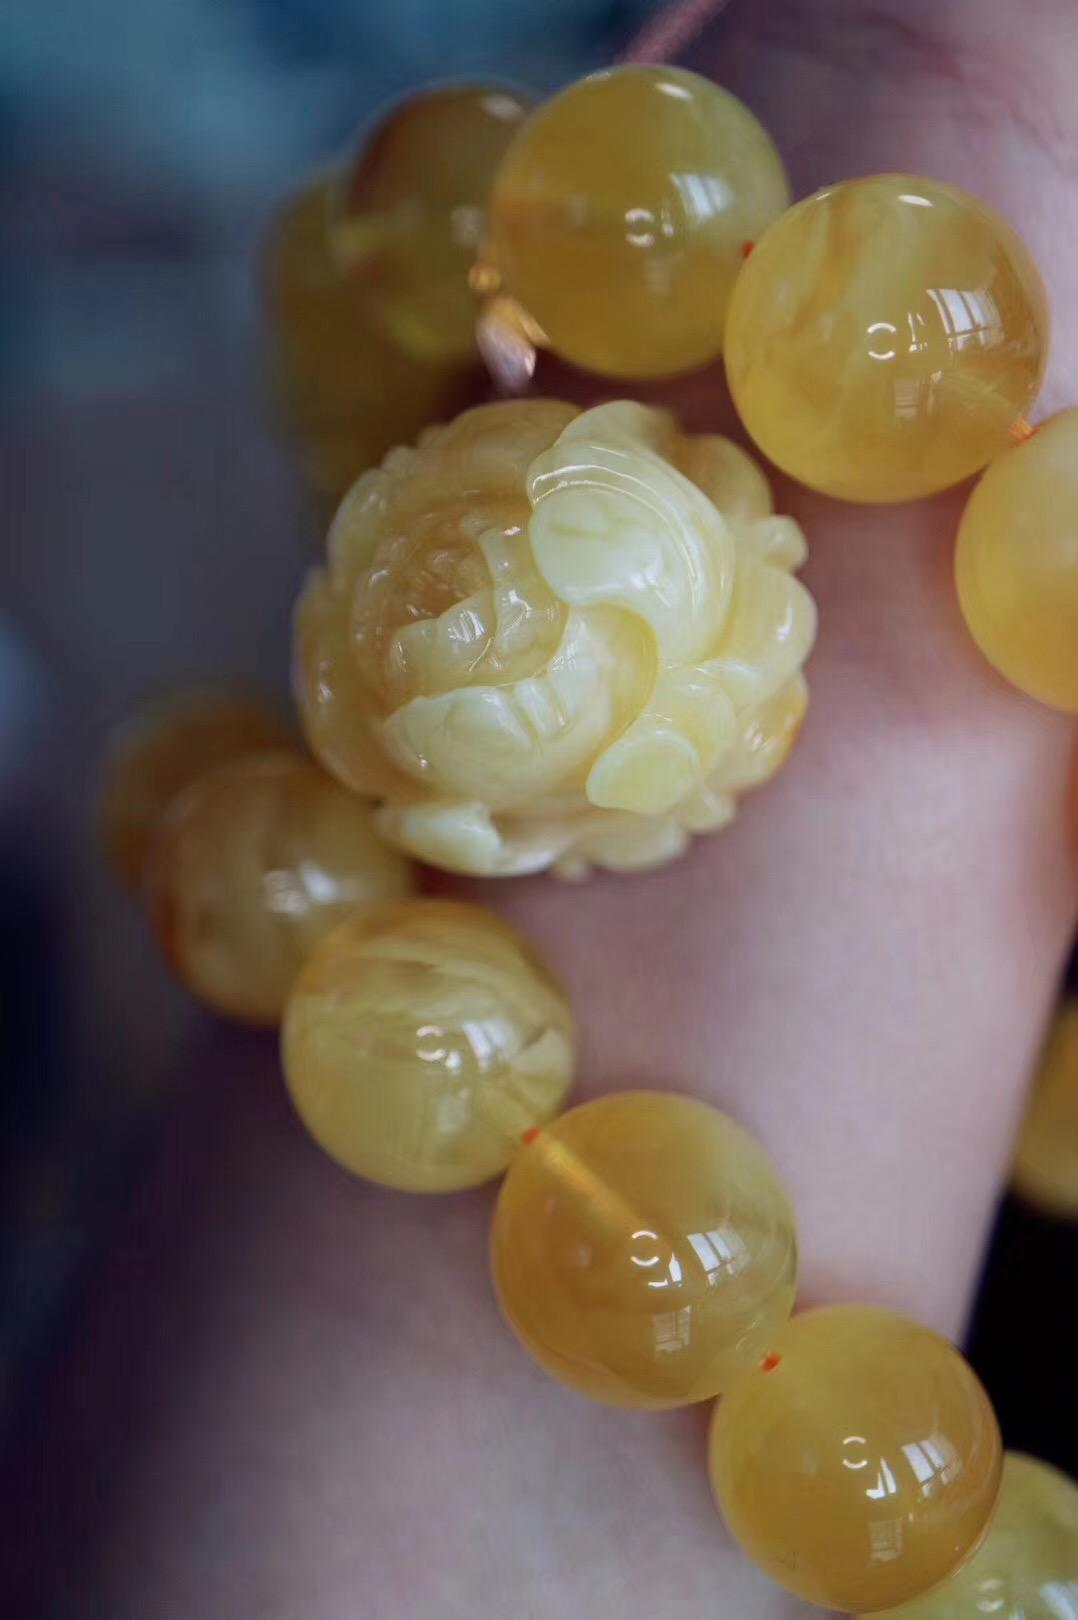 【完美蜜蜡 | 花开富贵】阳光下的黄牡丹,如此美物,佳人可期!-菩心晶舍